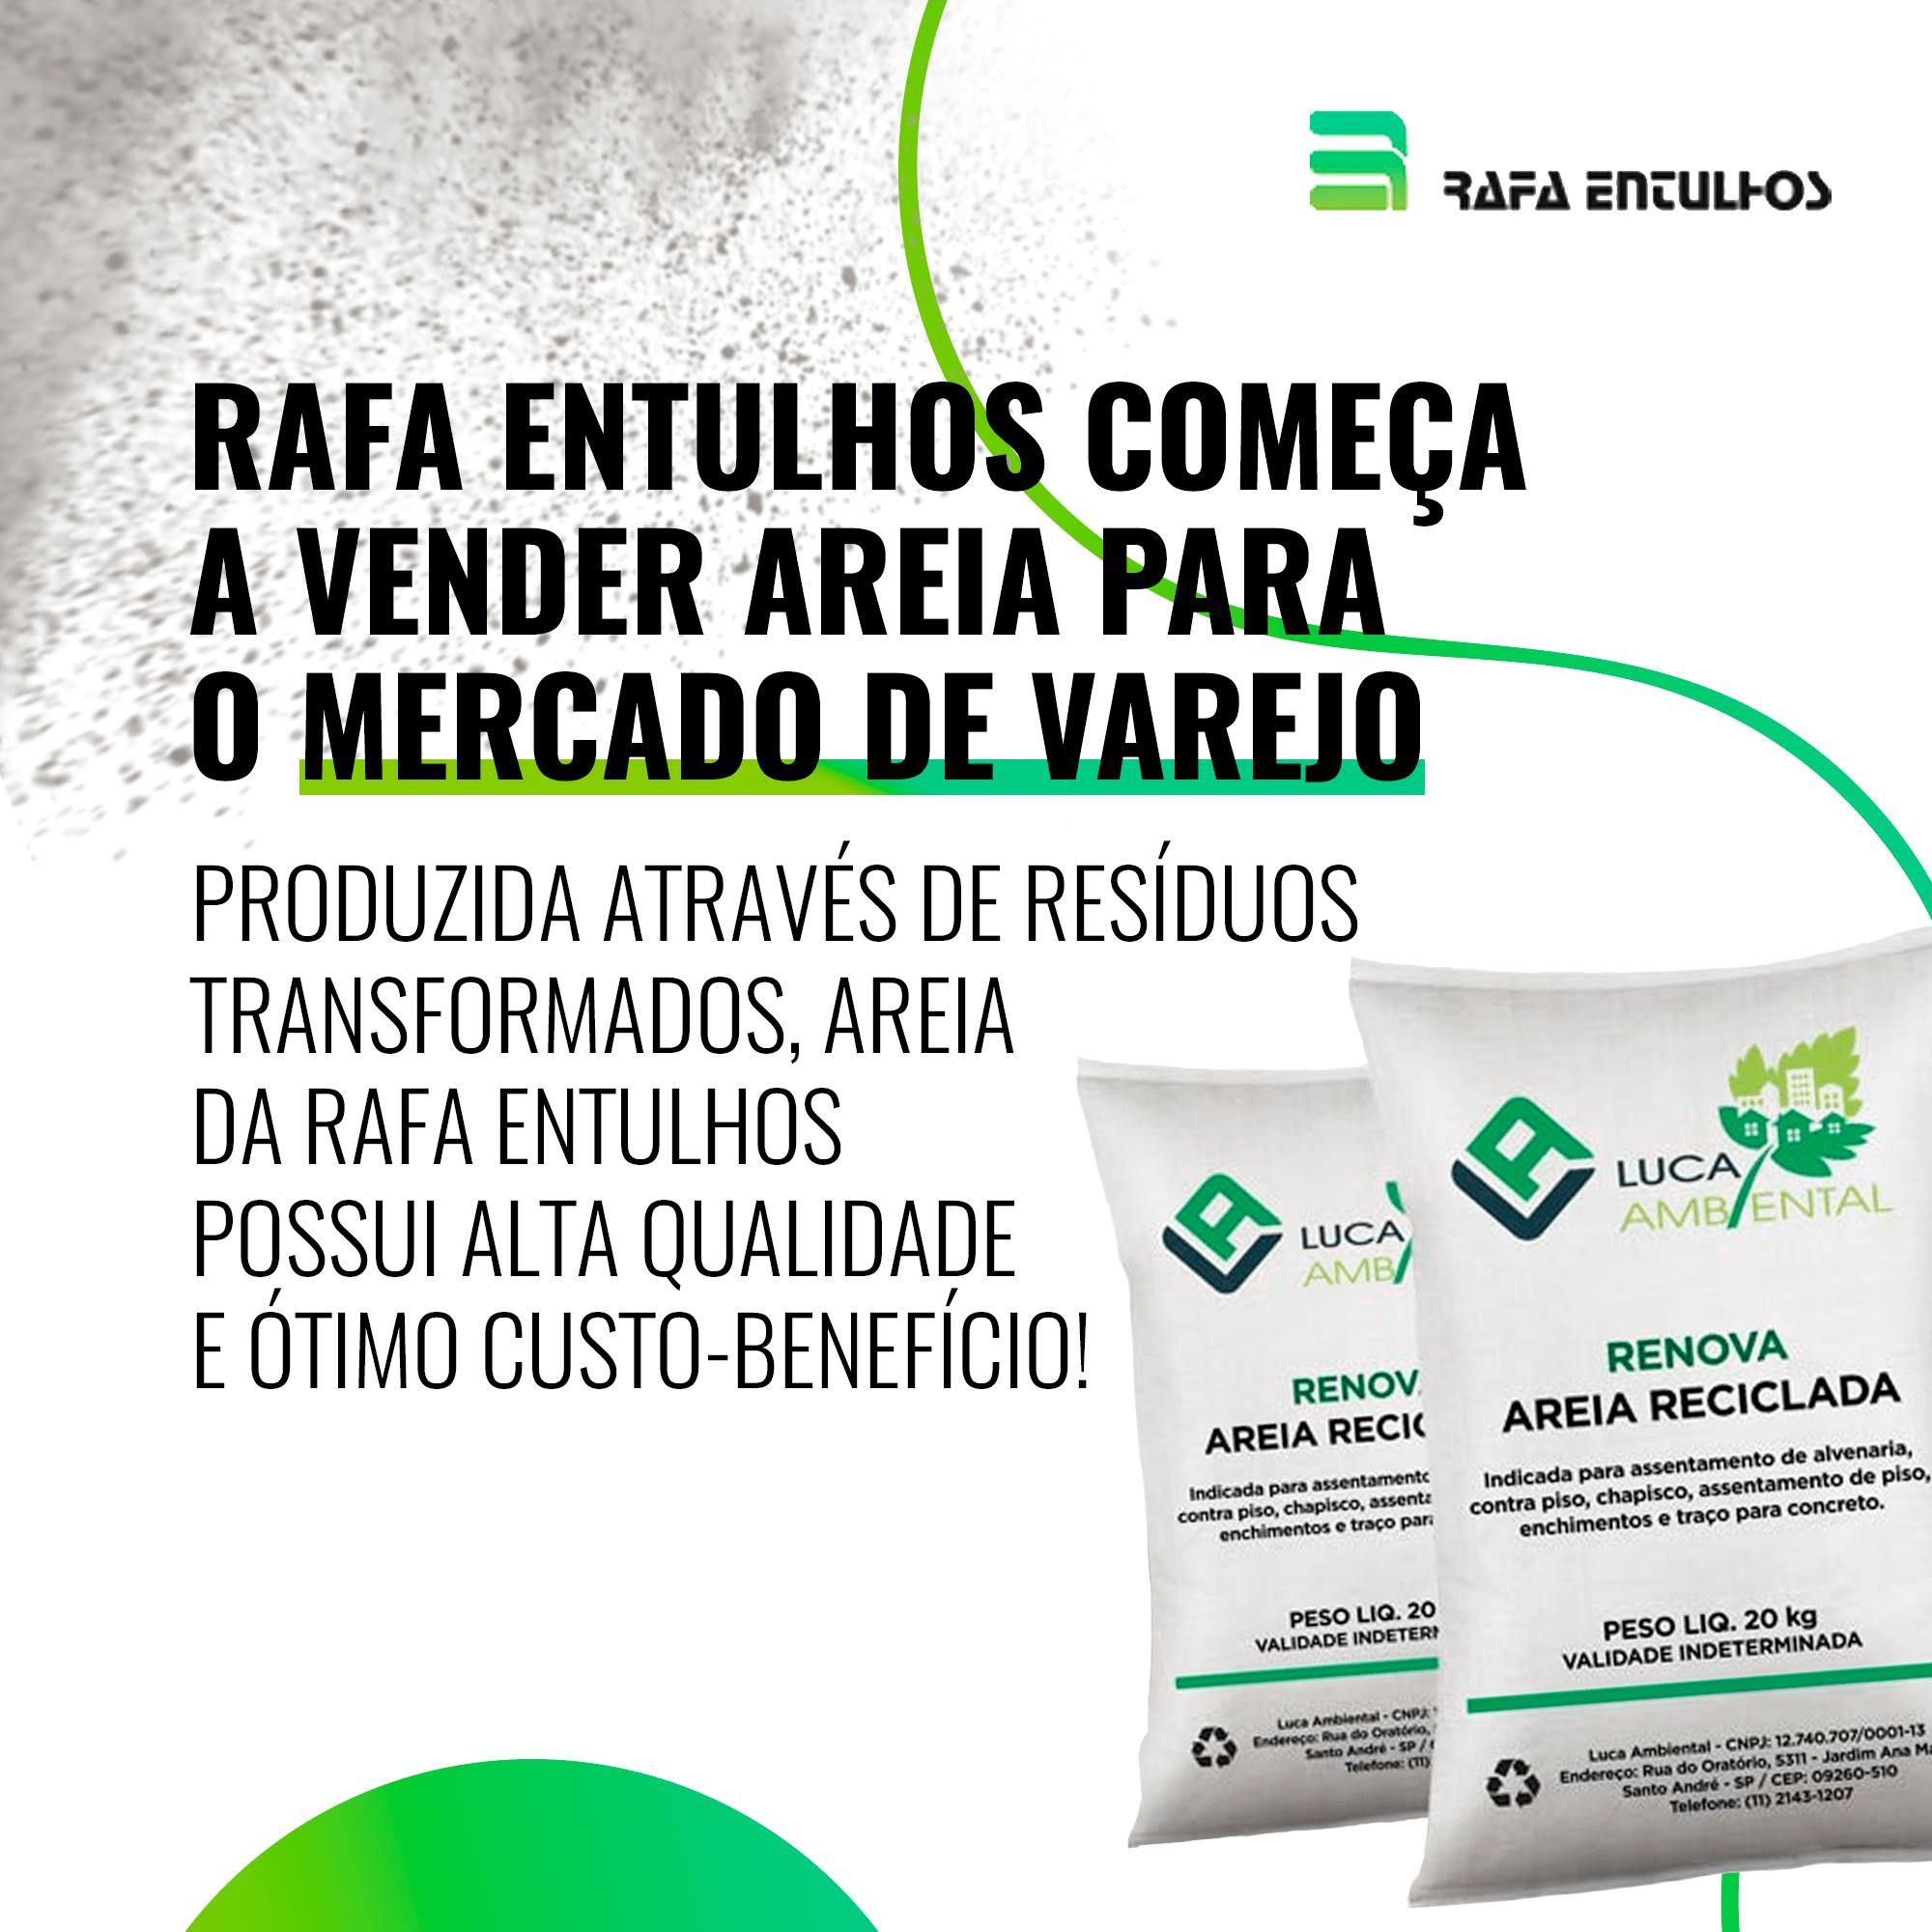 Rafa Entulhos começa a vender areia para o mercado de varejo